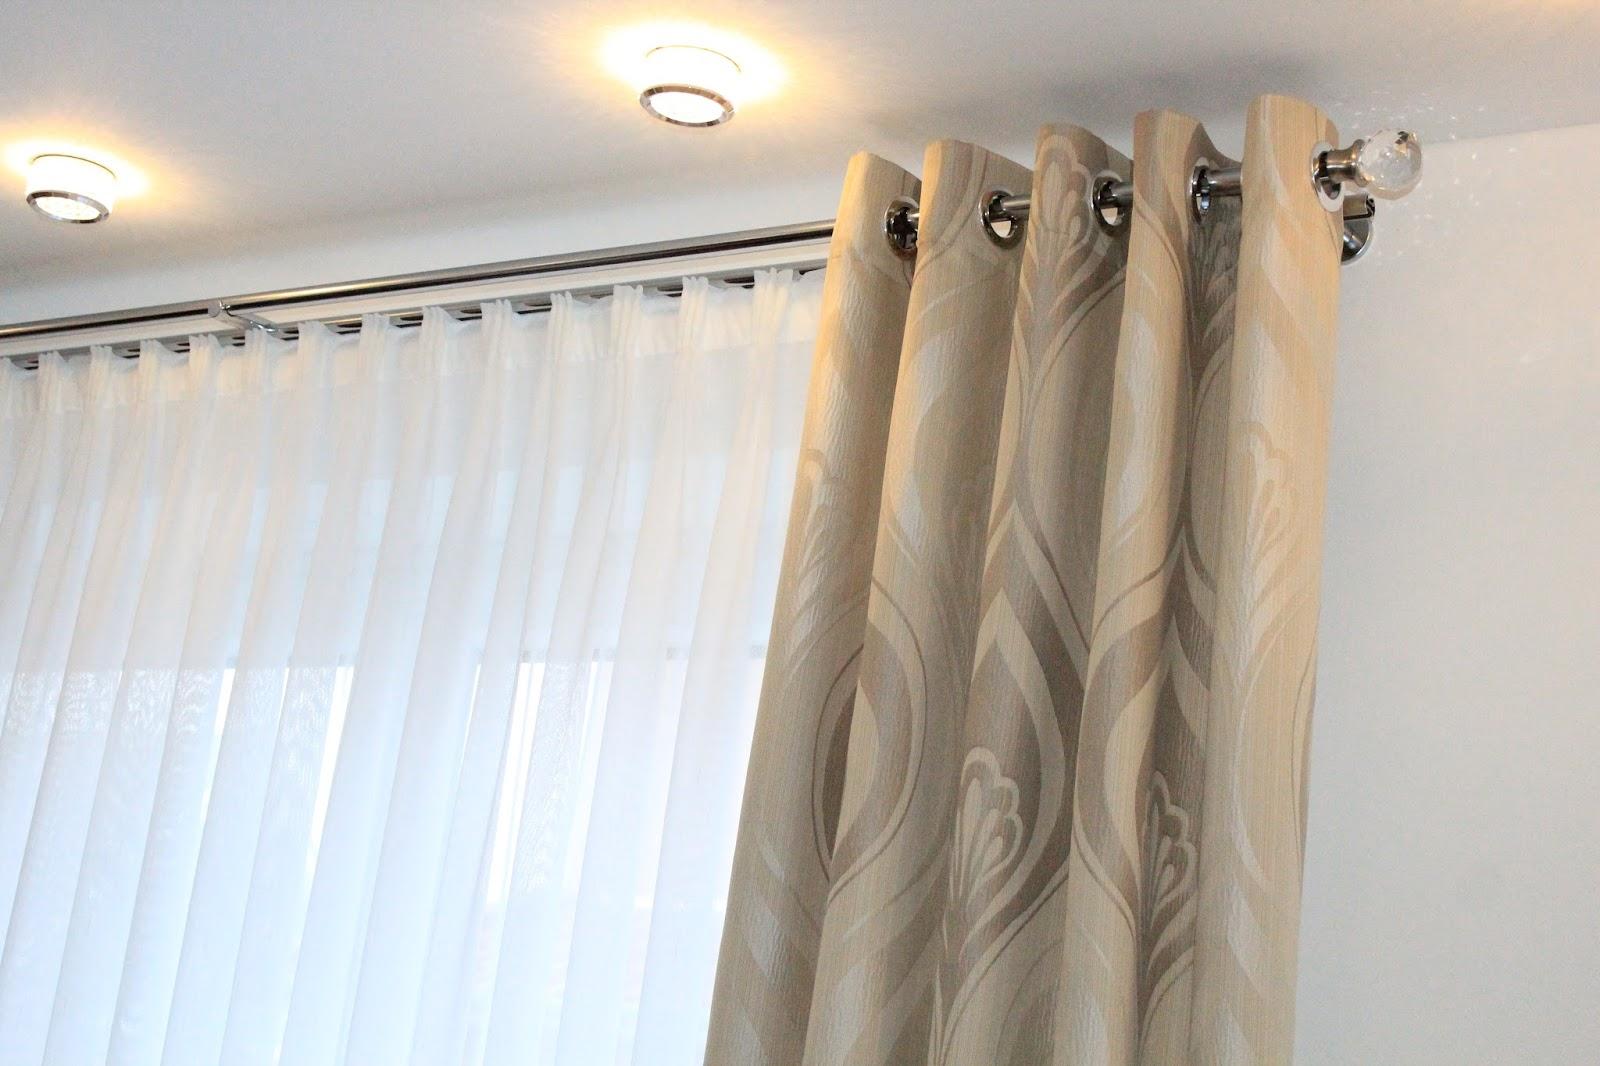 dekoheimtextilien Gardinen  und Vorhangbnder